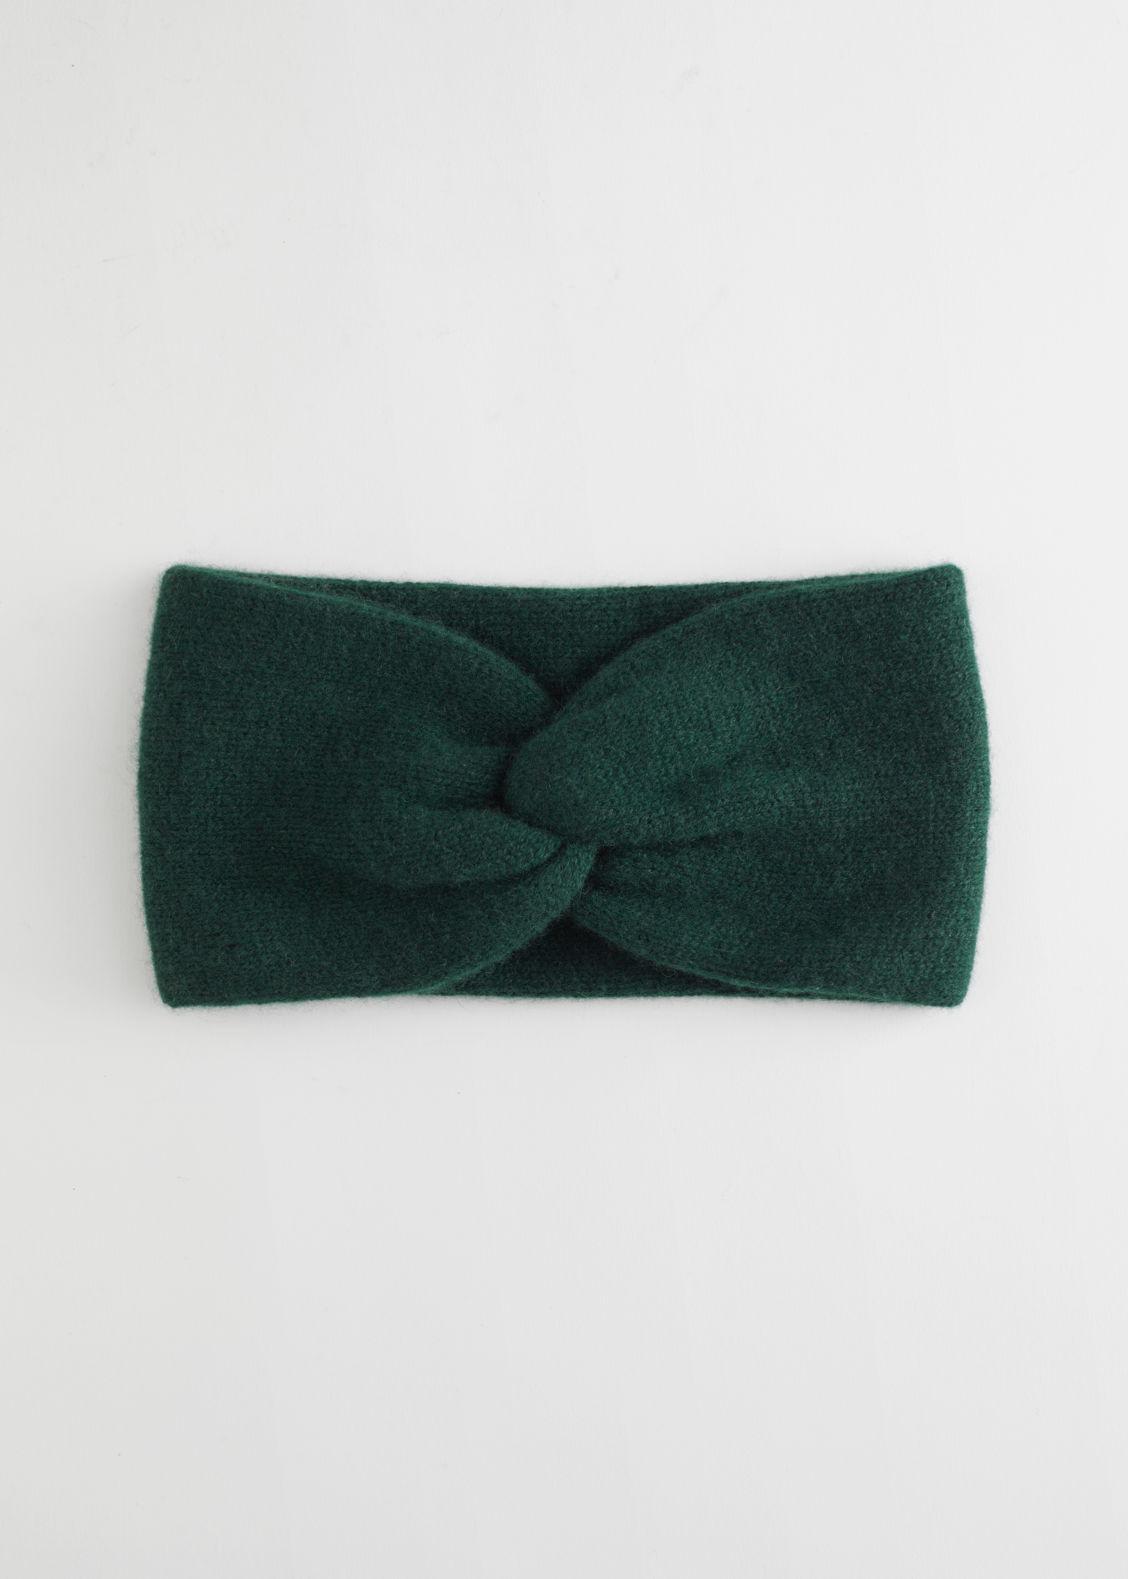 앤 아더 스토리즈 헤드 밴드 & OTHER STORIES Cashmere Twist Knot Headband,Dark Green